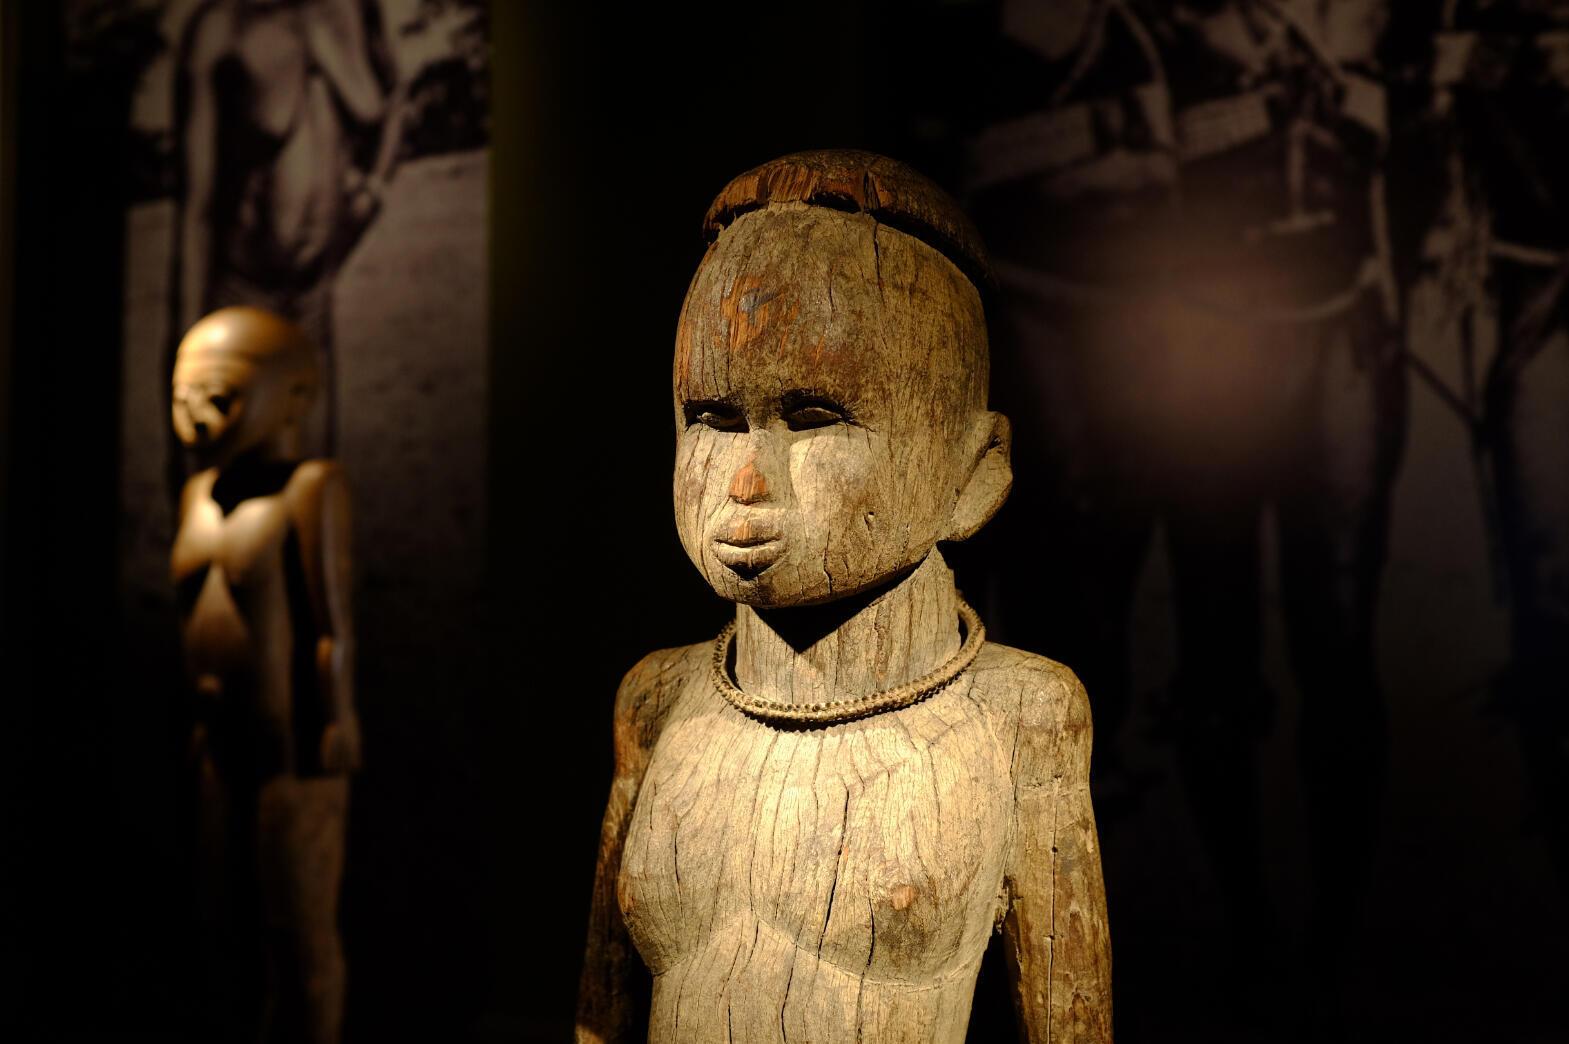 Statuaire lobi, figure masculine portant la coiffure yuu-bilami. H 80 cm. Exposée dans « Les bois qui murmurent. La grande statuaire lobi » à l'Ancienne Nonciature, Bruxelles.